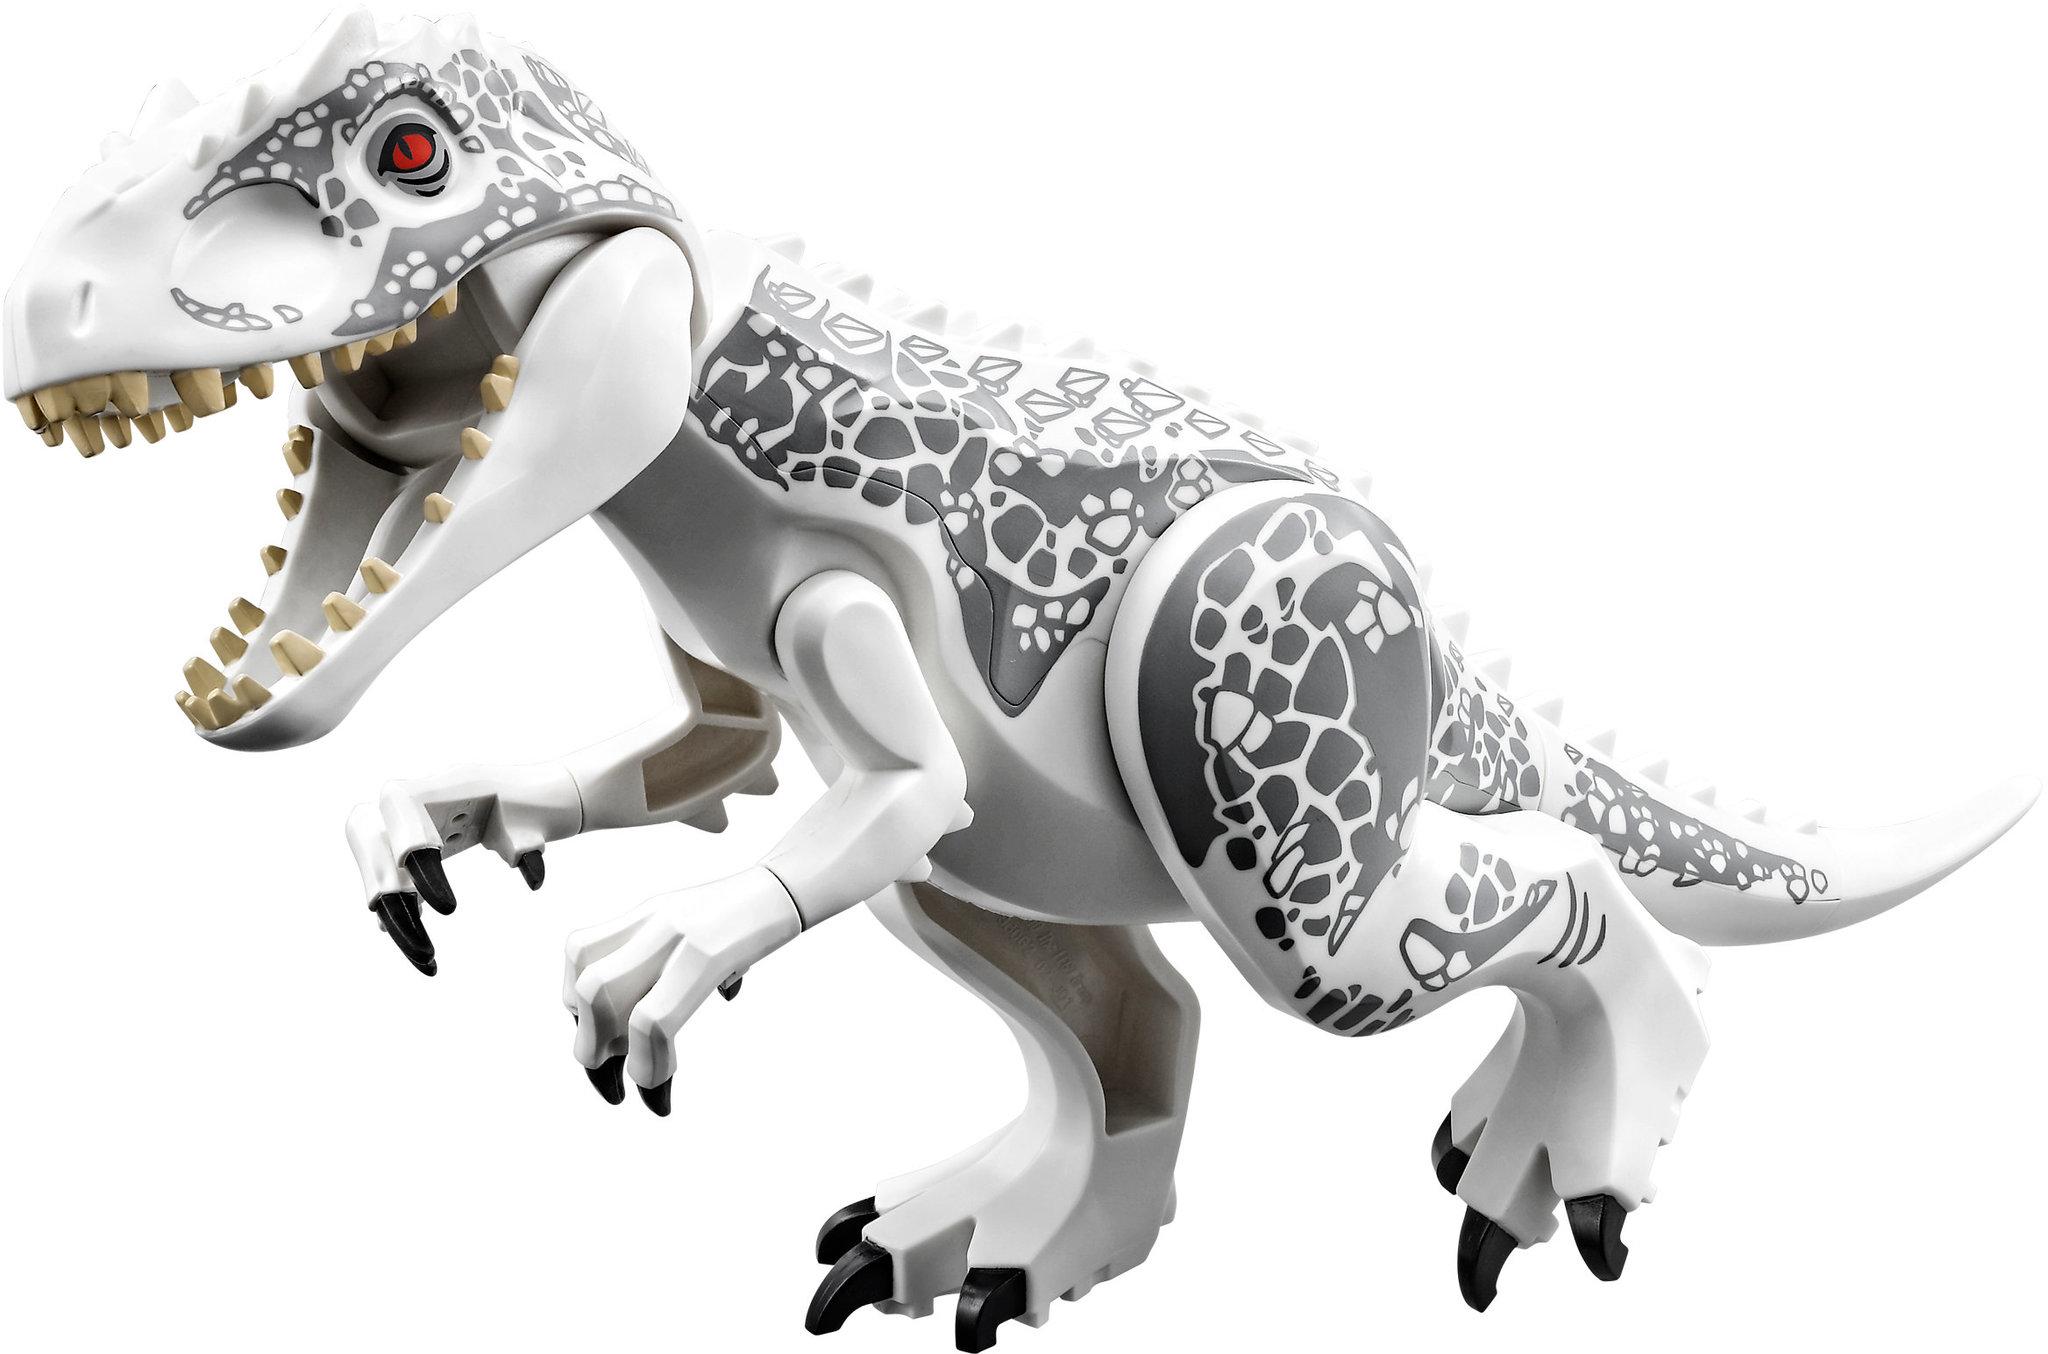 Indominus Rex Lego